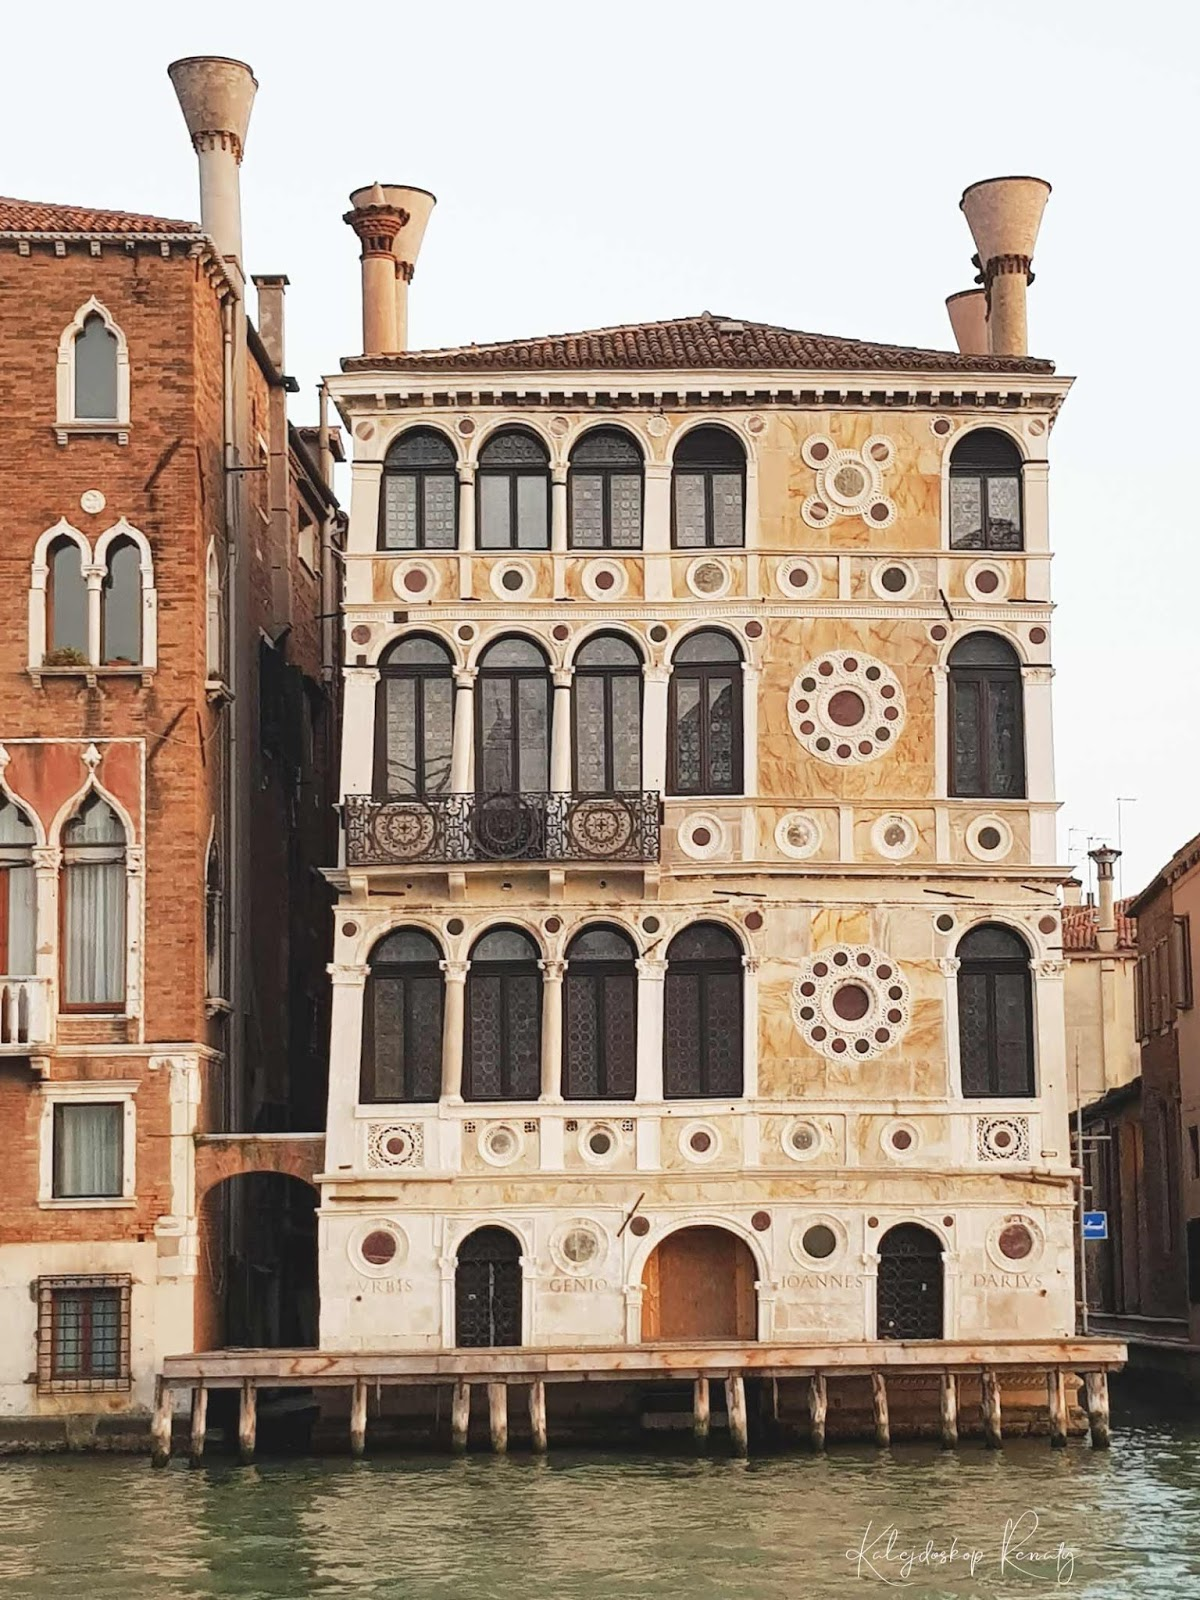 Wenecekie ciekwostki. Pałace w Wenecji.